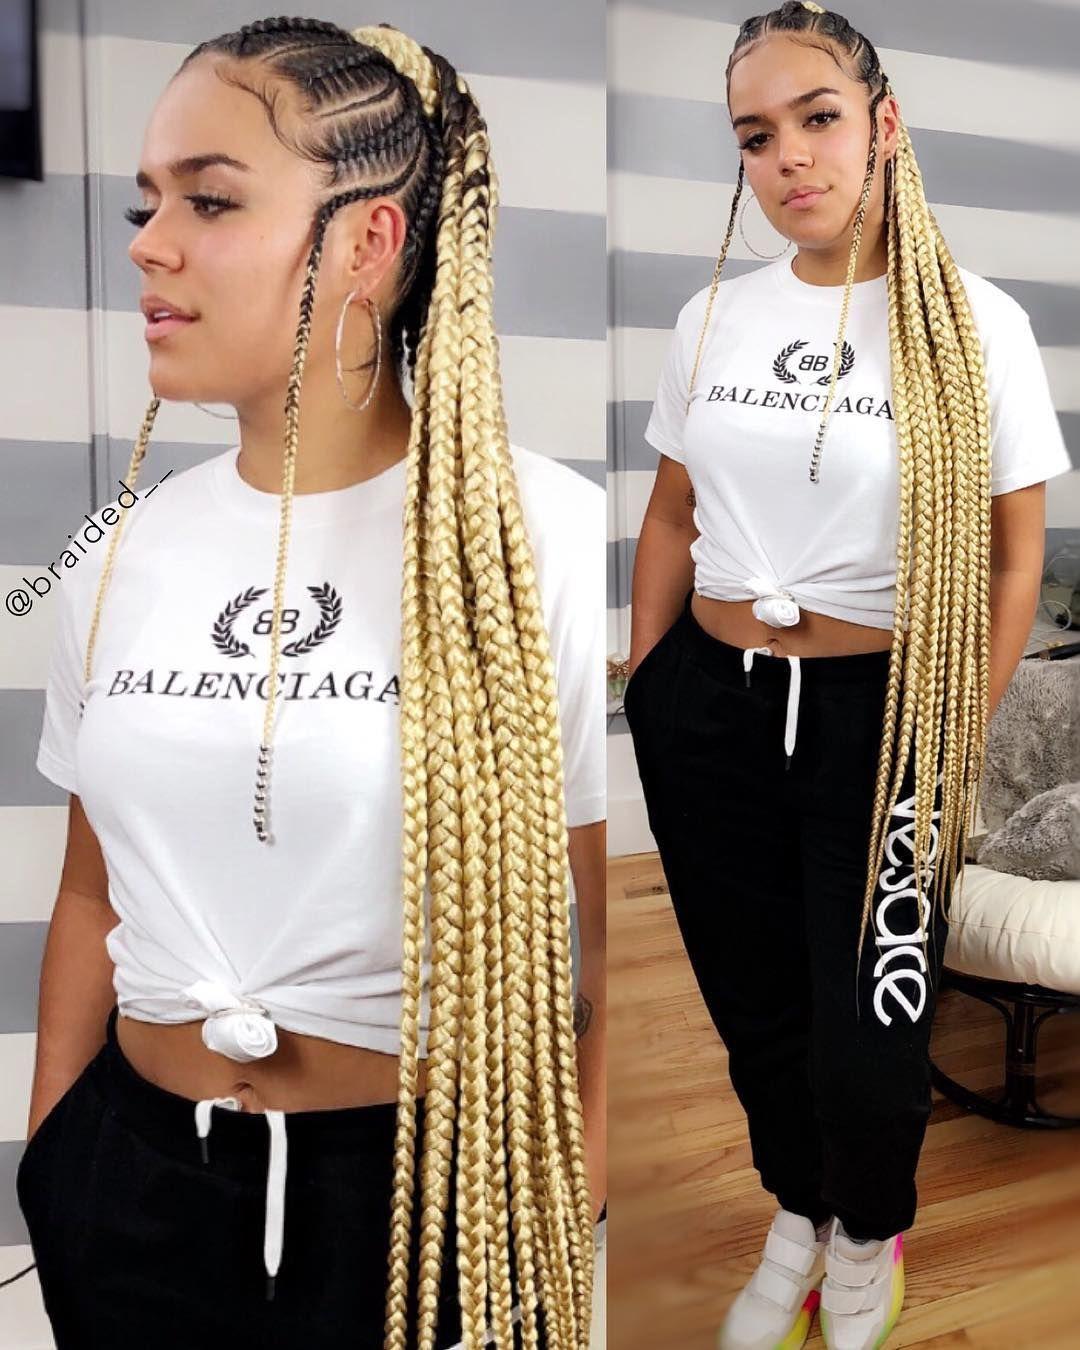 24 Inch Box Braids Xpression Braiding Hair In 2020 Hair Styles Braided Hairstyles African Braids Hairstyles